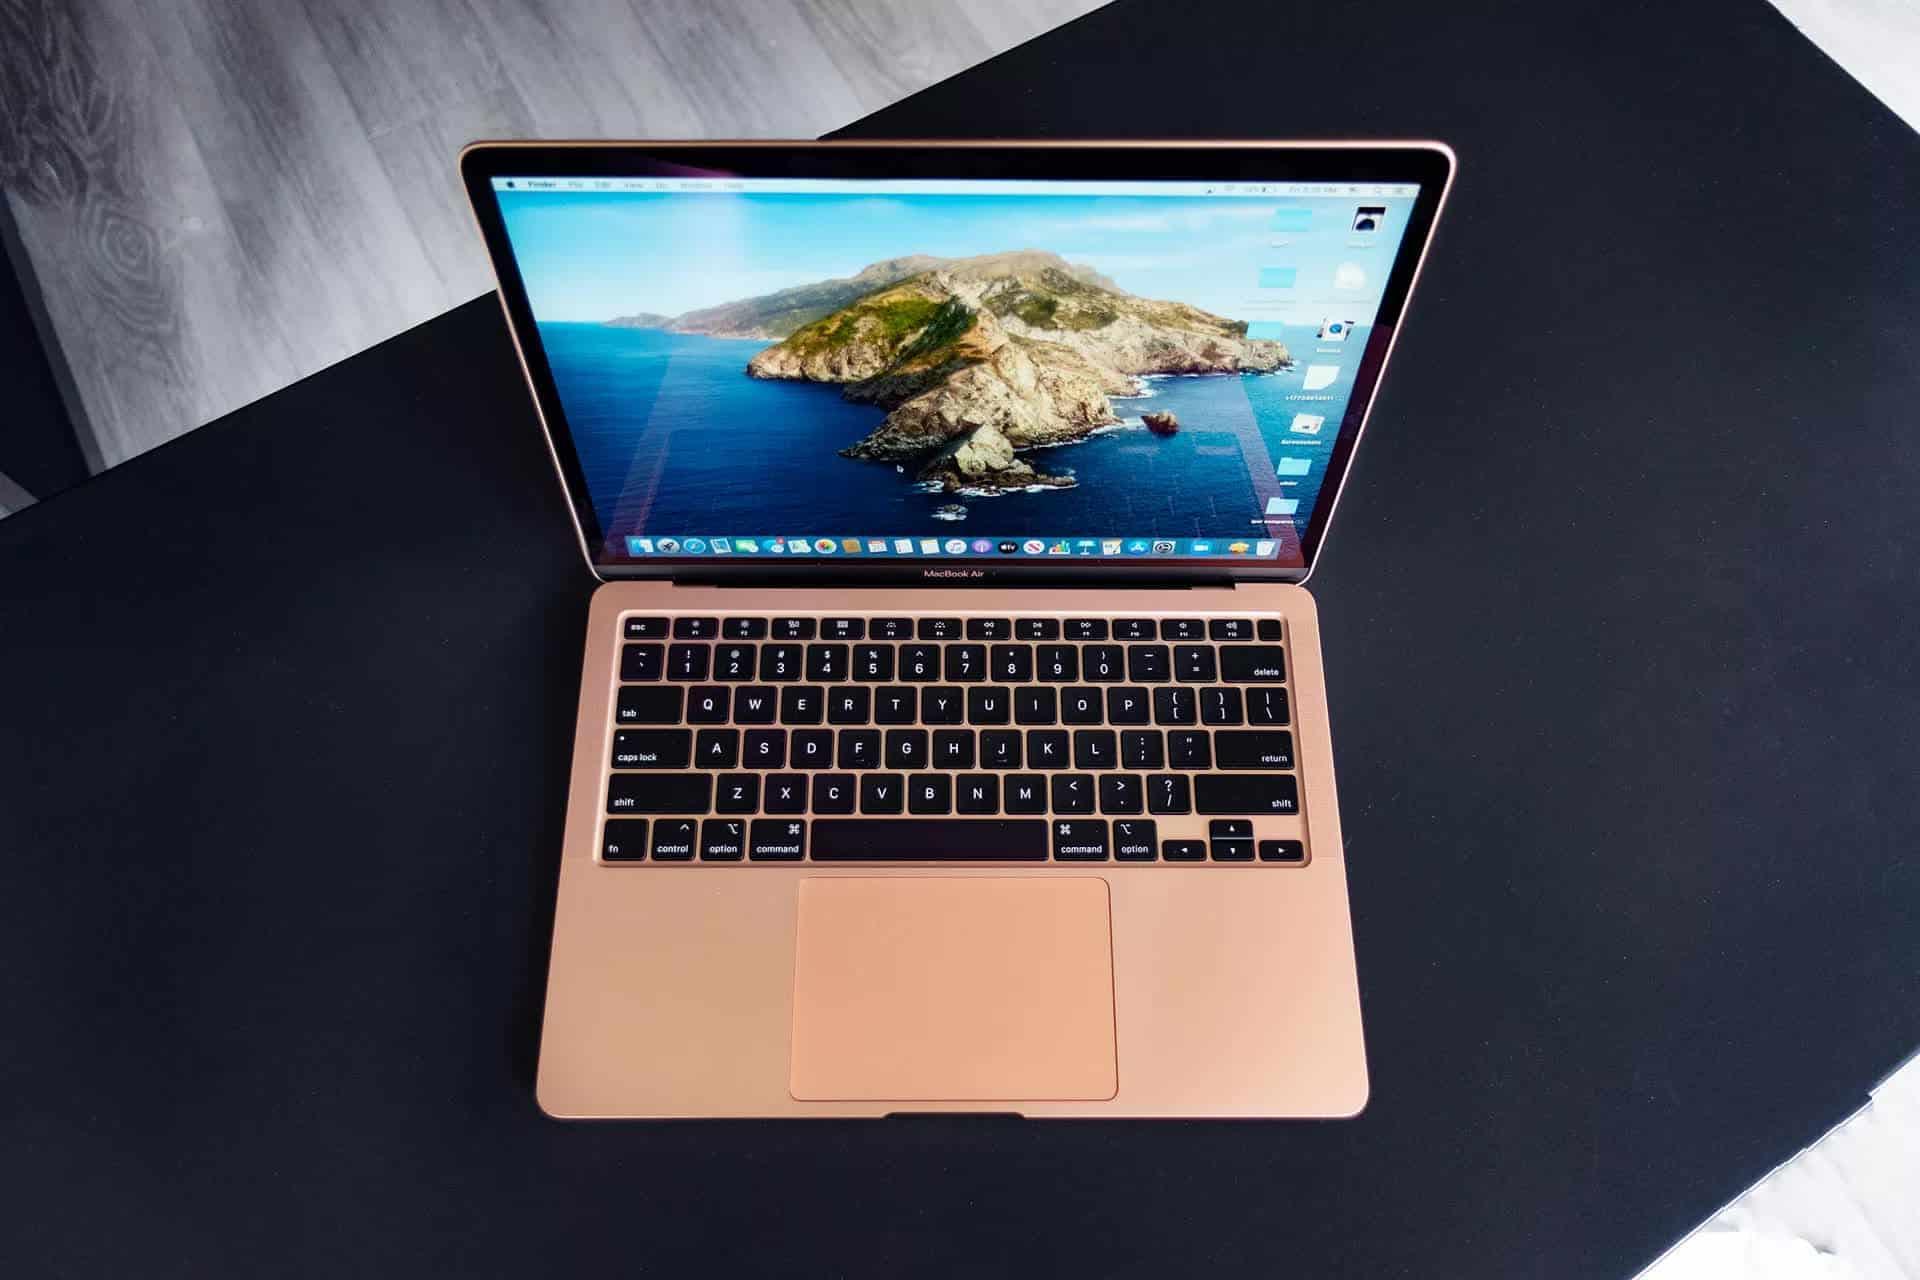 man_hinh_macbook_air_2020_ram_16gb_laptopvang.com